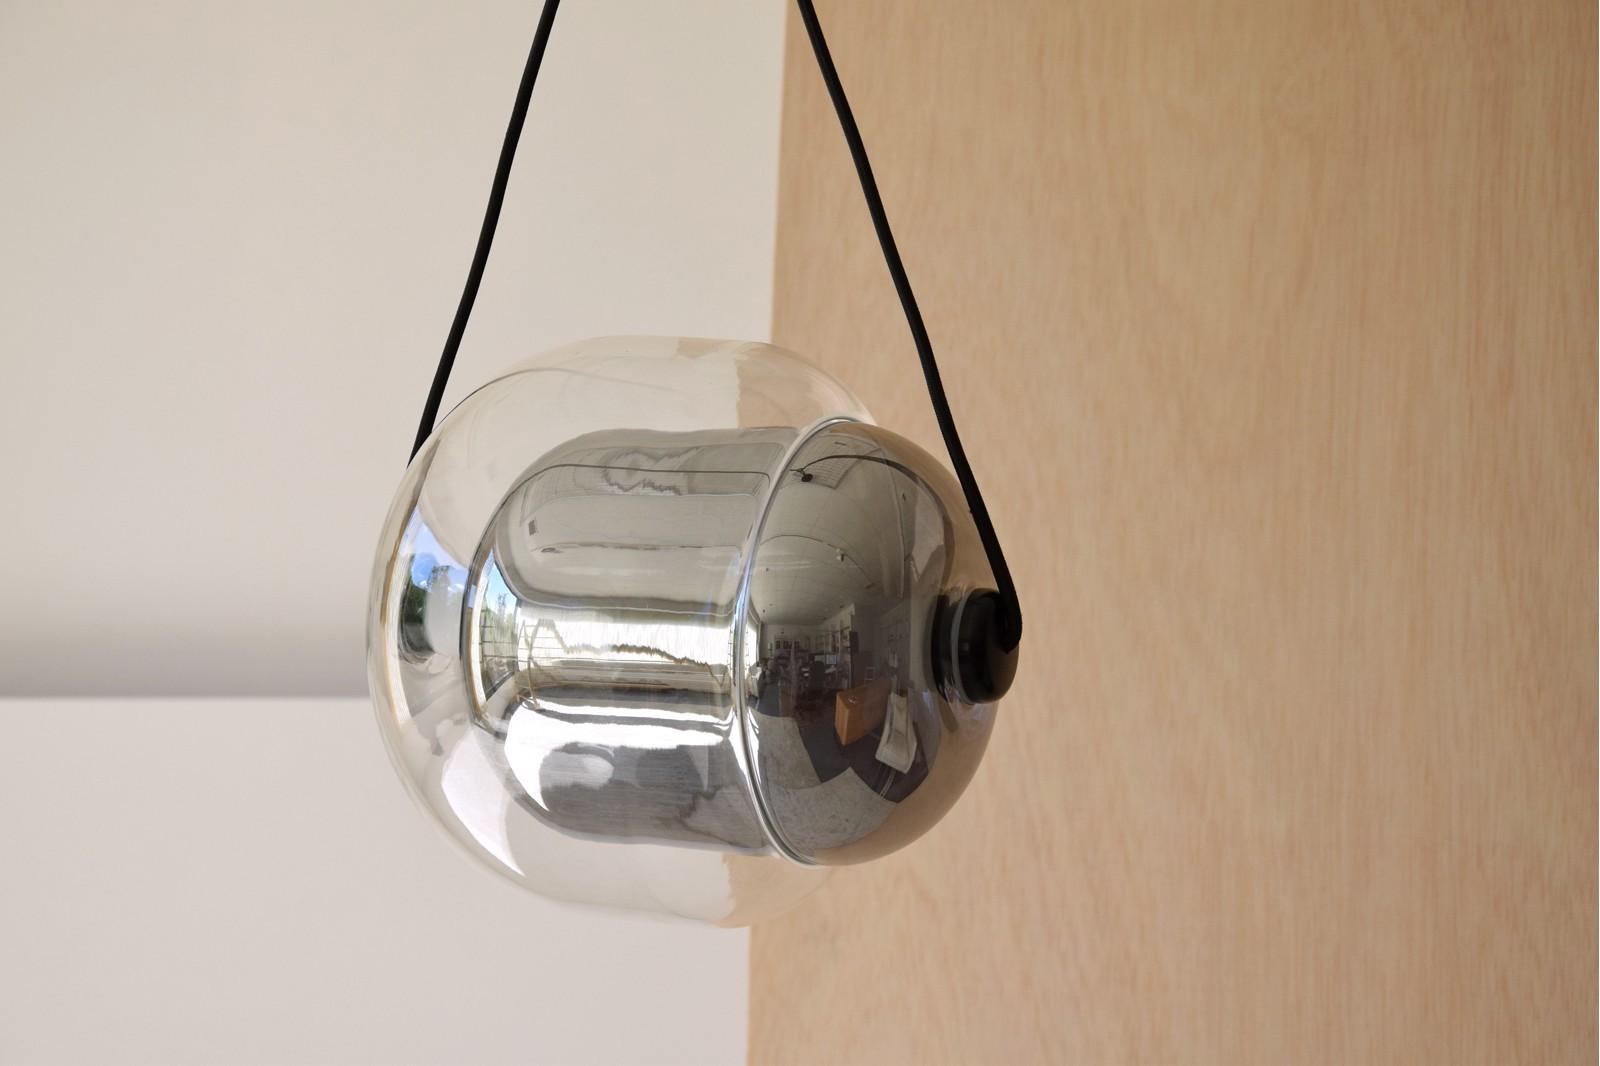 NASA CEILING LAMP